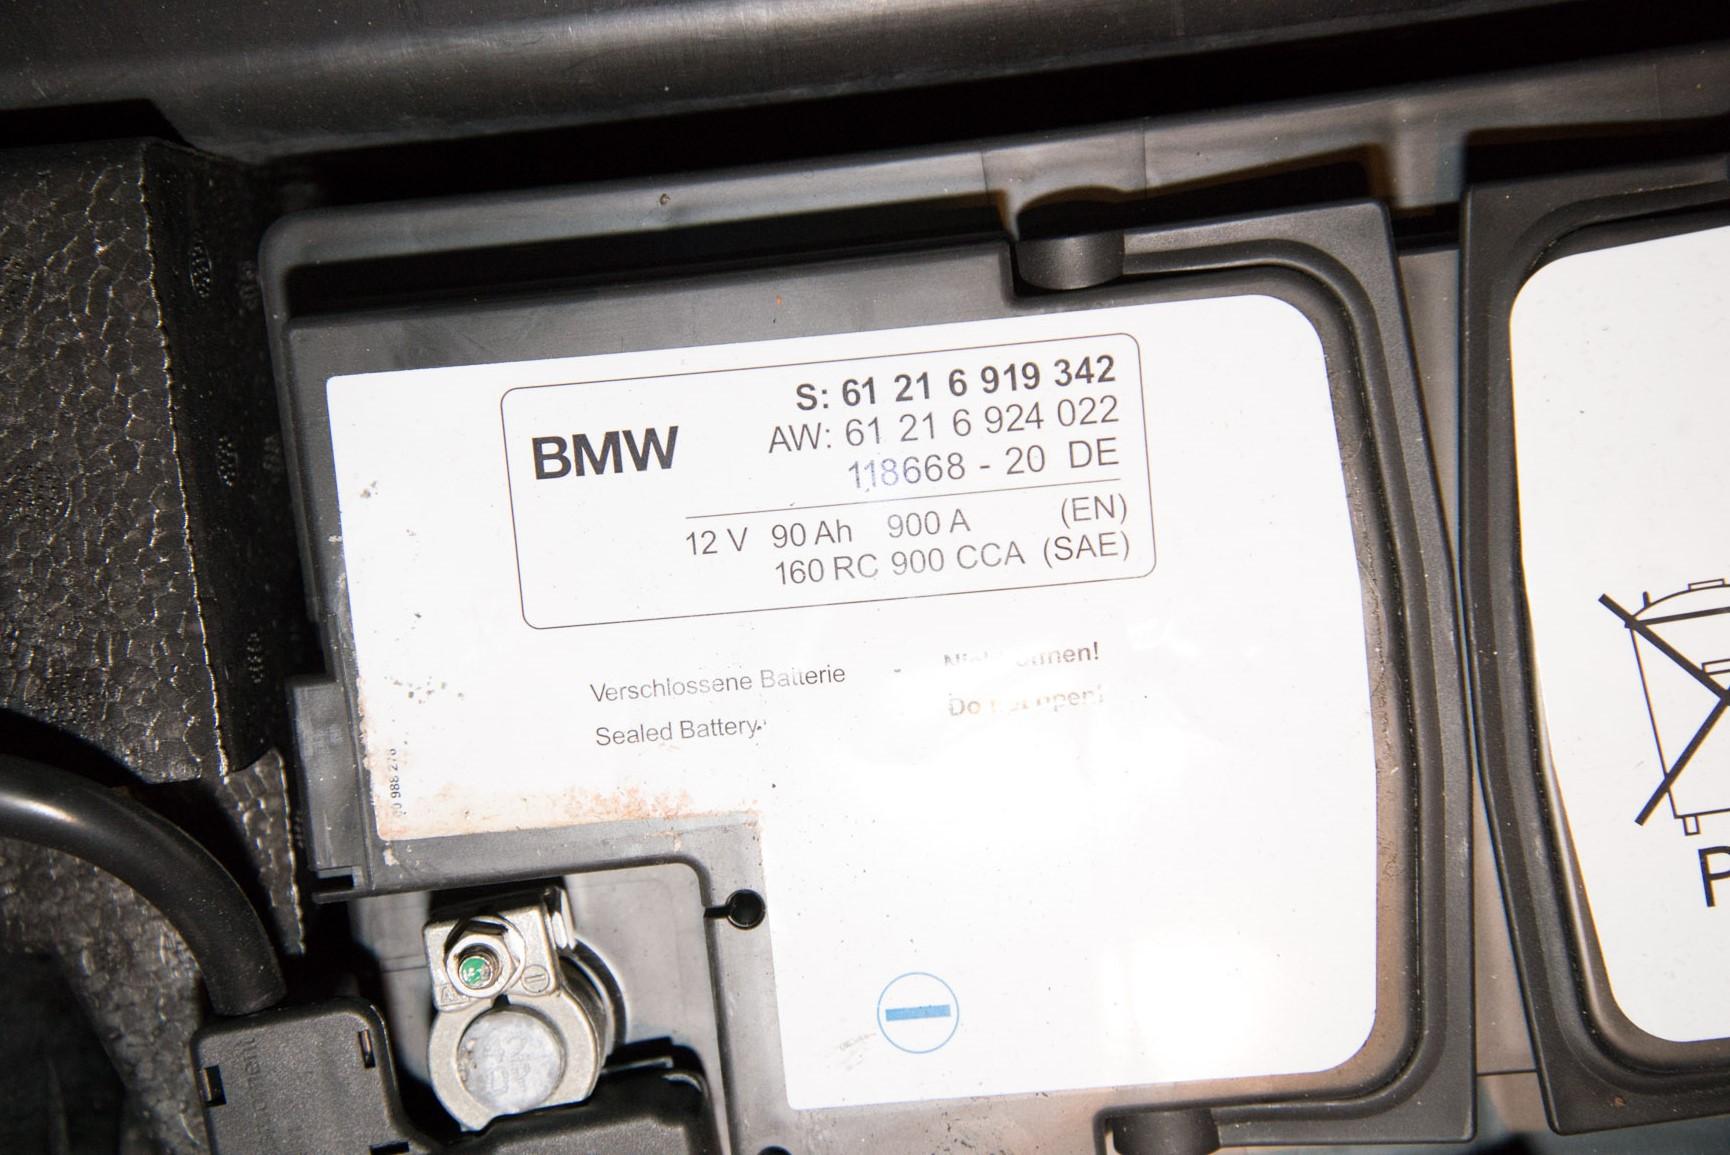 2008 E60 M5 Battery Replacement-dsc_7523.jpg